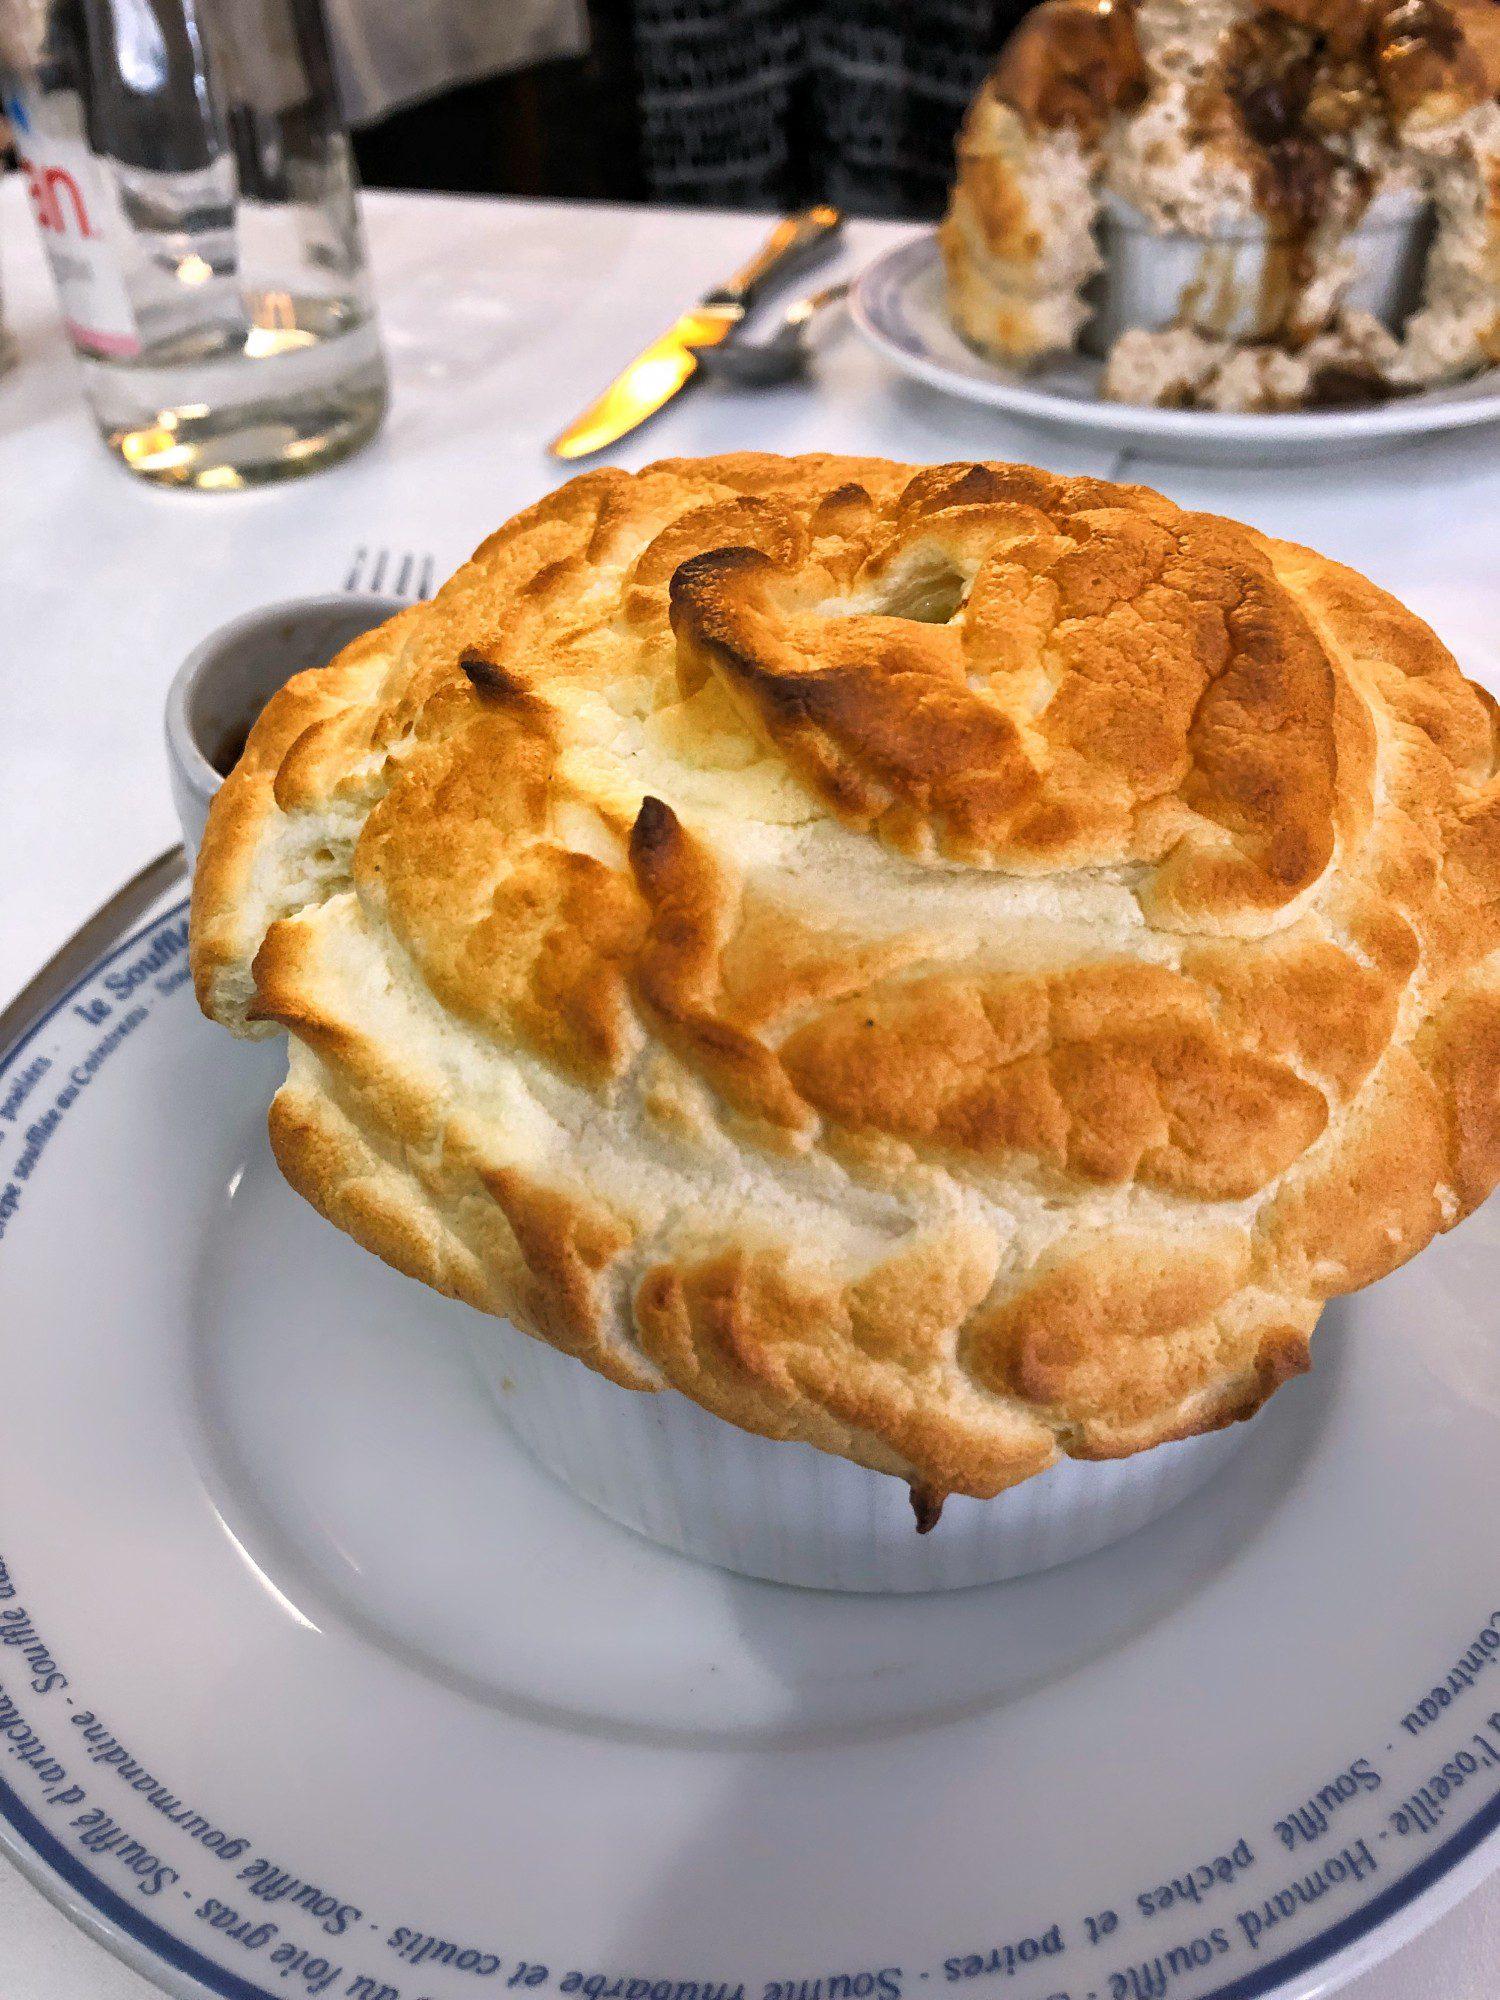 Le Souffle Paris